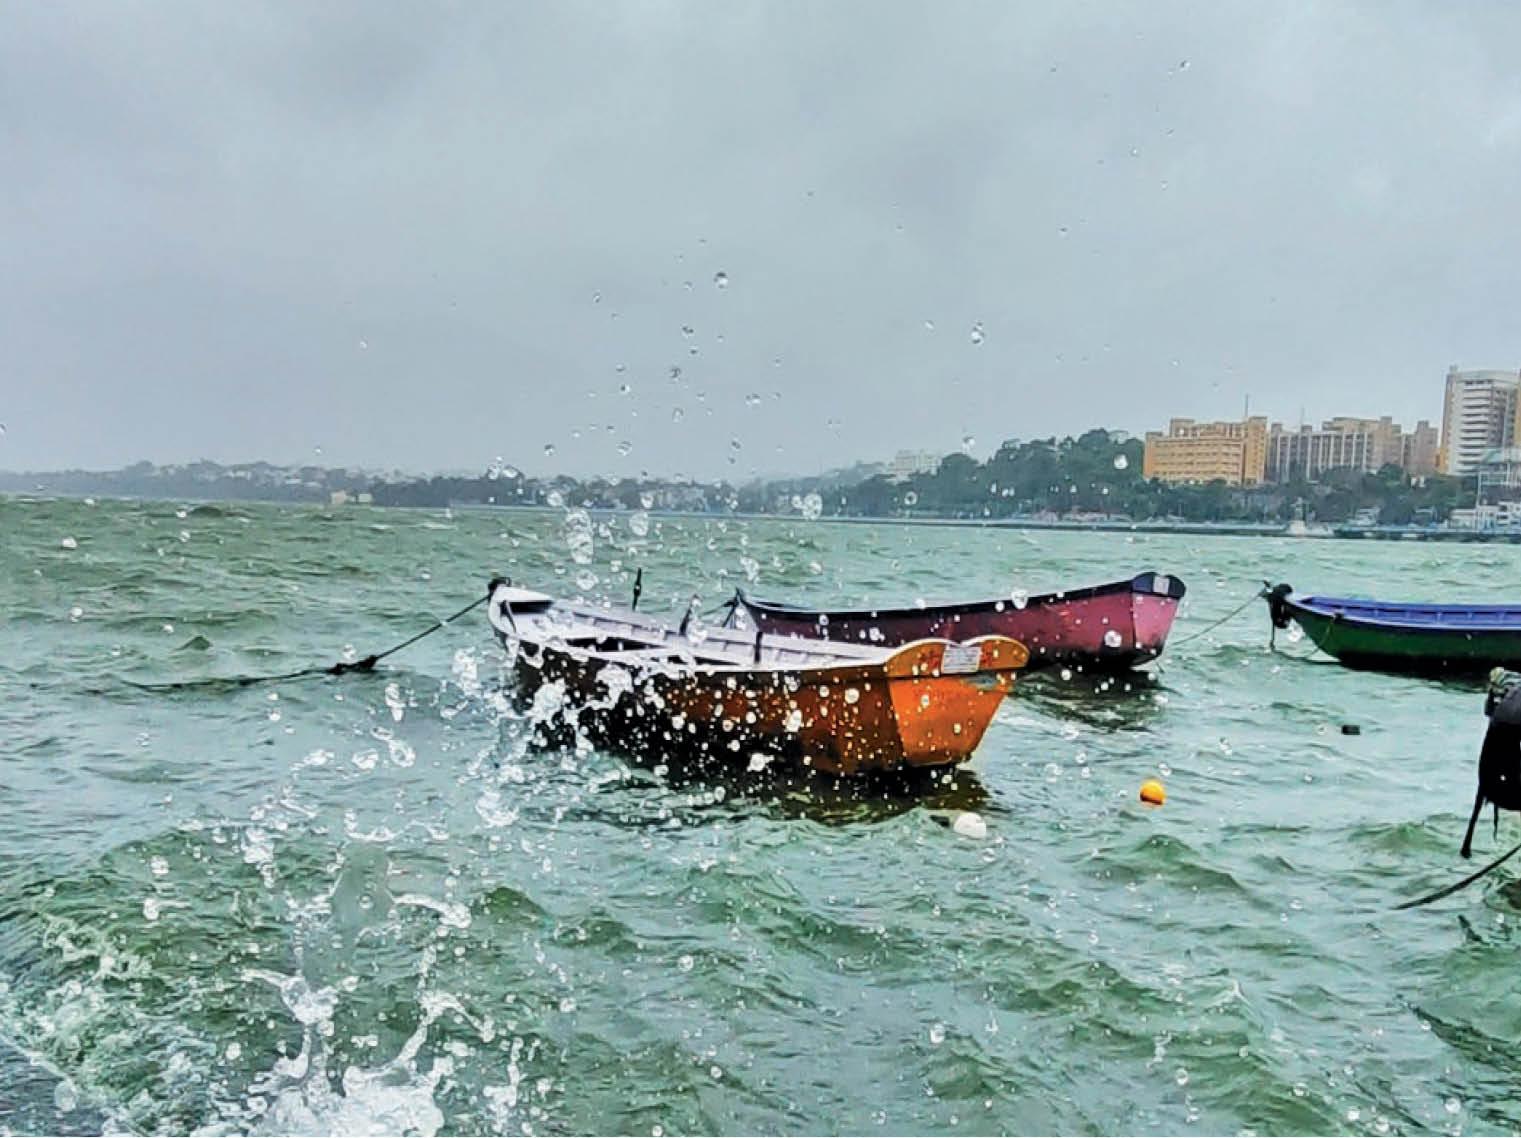 भोपाल में अब तक 24.79 इंच बारिश हुई; एक सप्ताह में 1.60 फीट बढ़ गया बड़े तालाब का लेवल भोपाल,Bhopal - Dainik Bhaskar